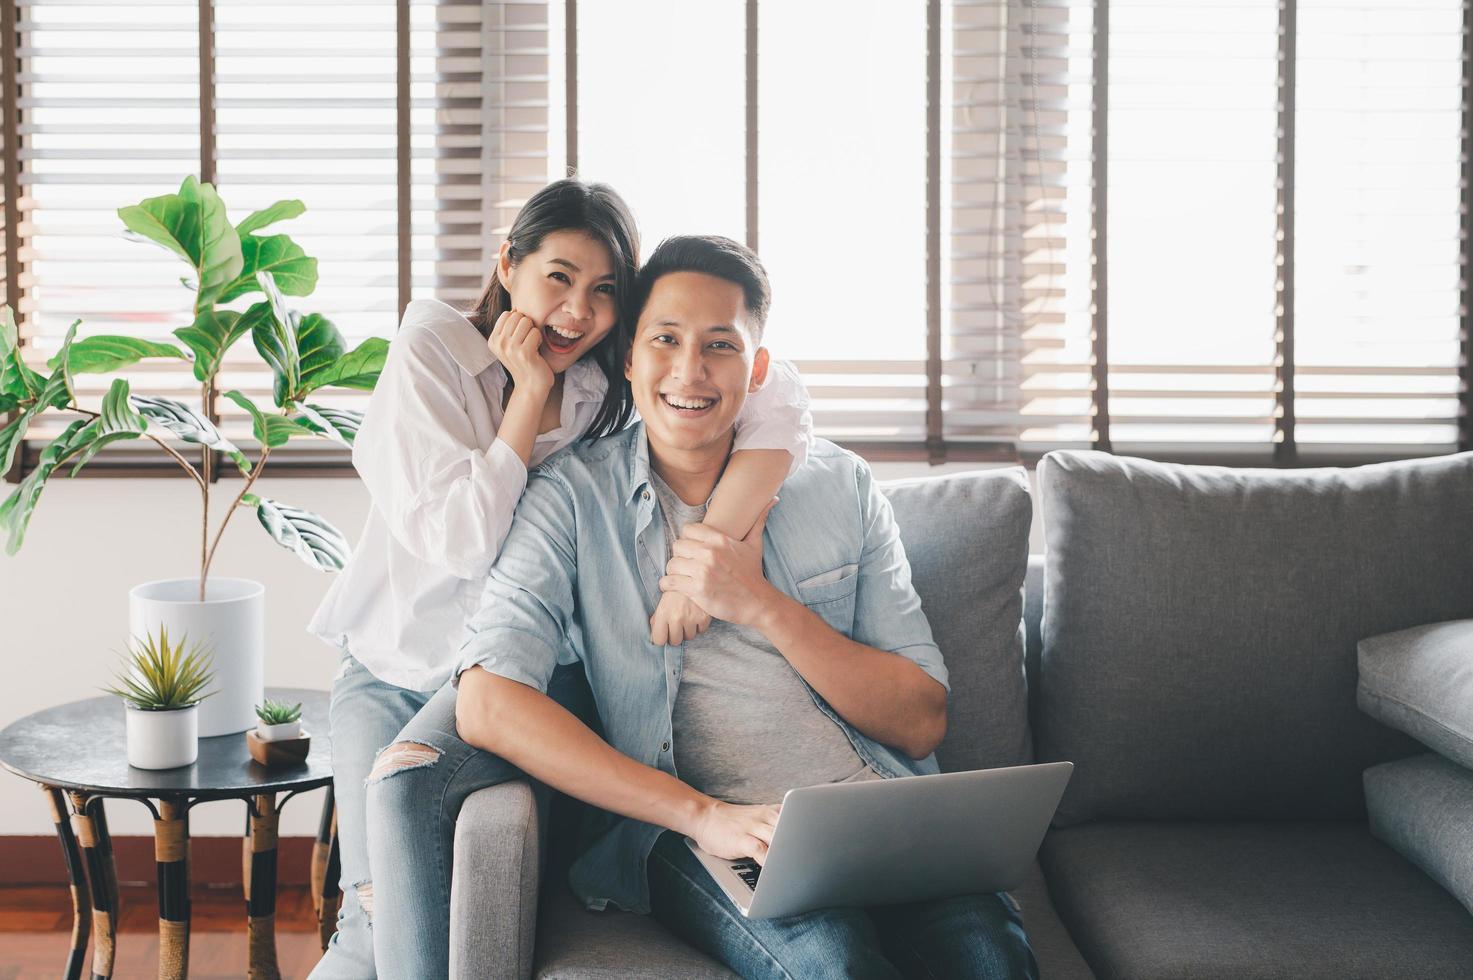 gelukkig Aziatisch paar dat een goede tijd heeft foto